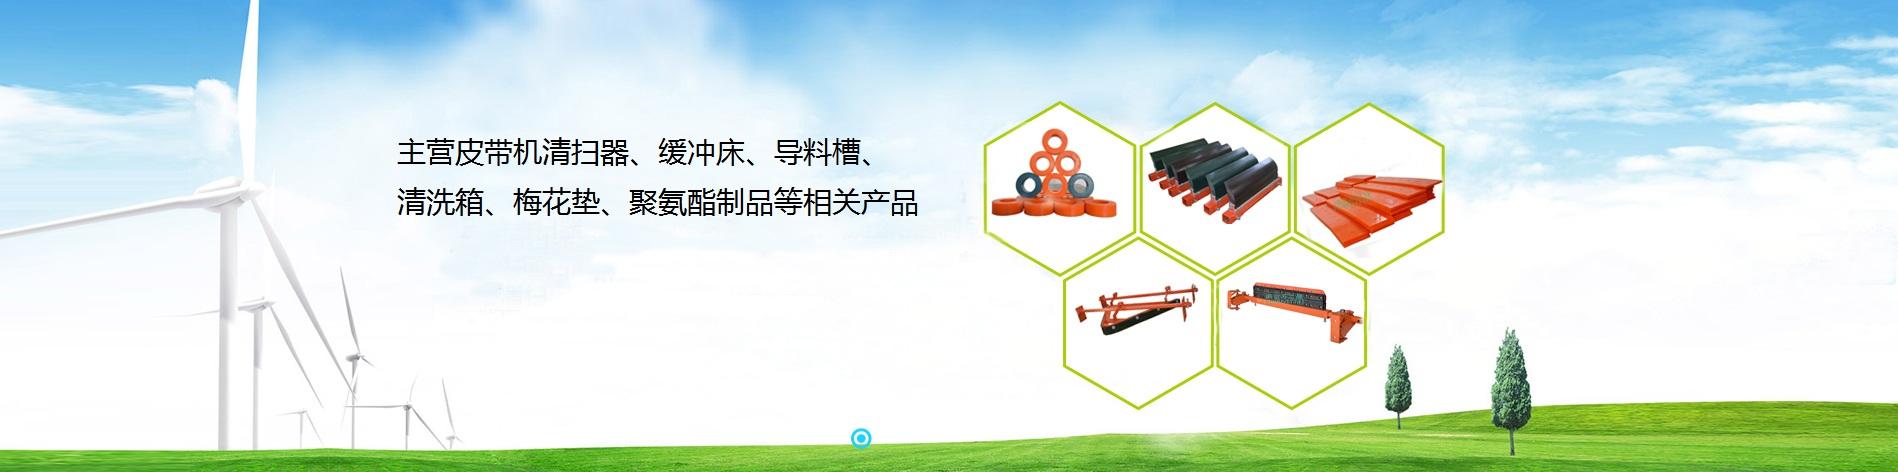 南京苏之晟环保设备有限公司